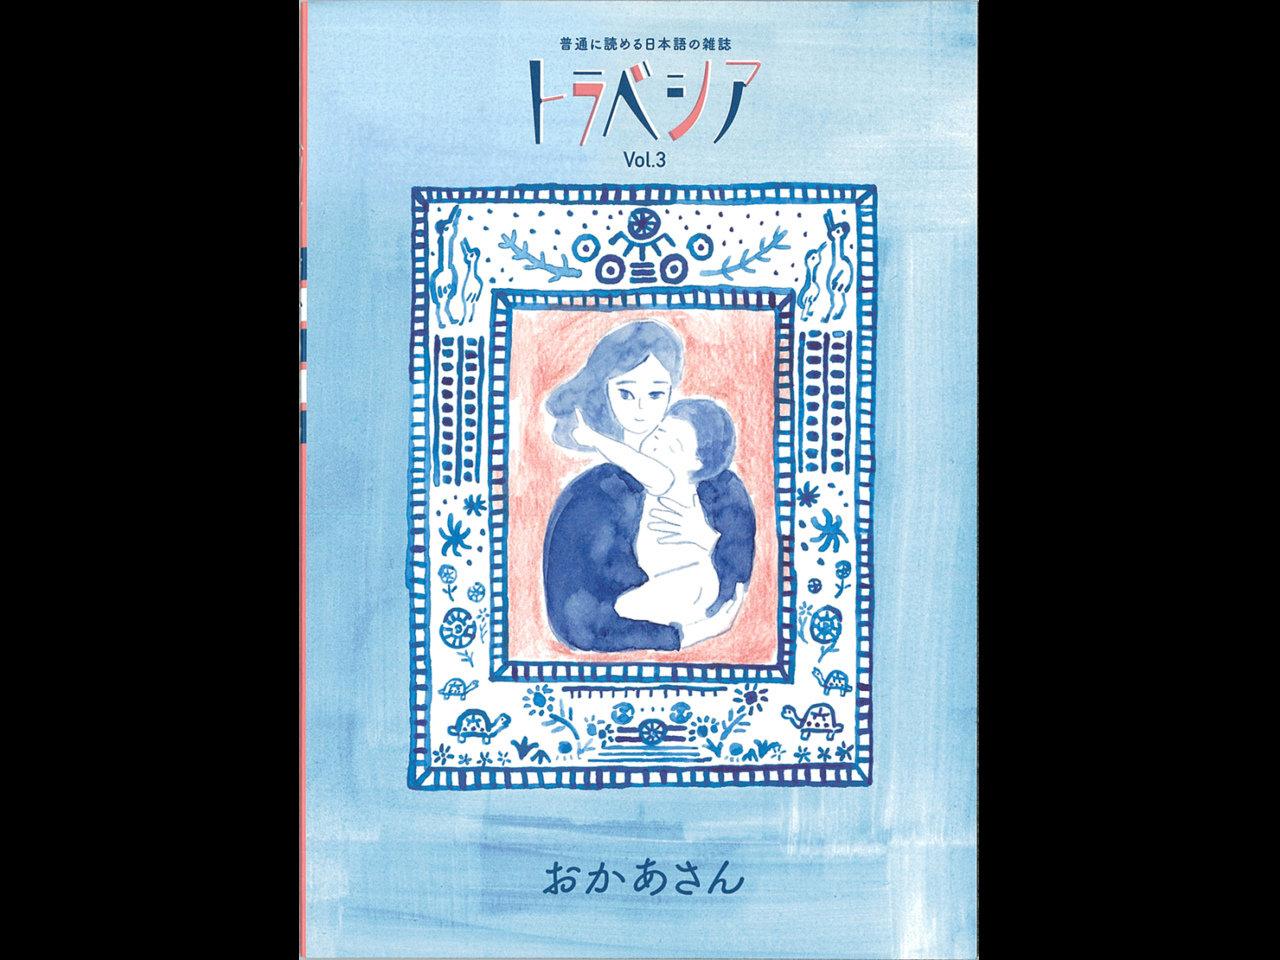 普通に読める日本語の雑誌